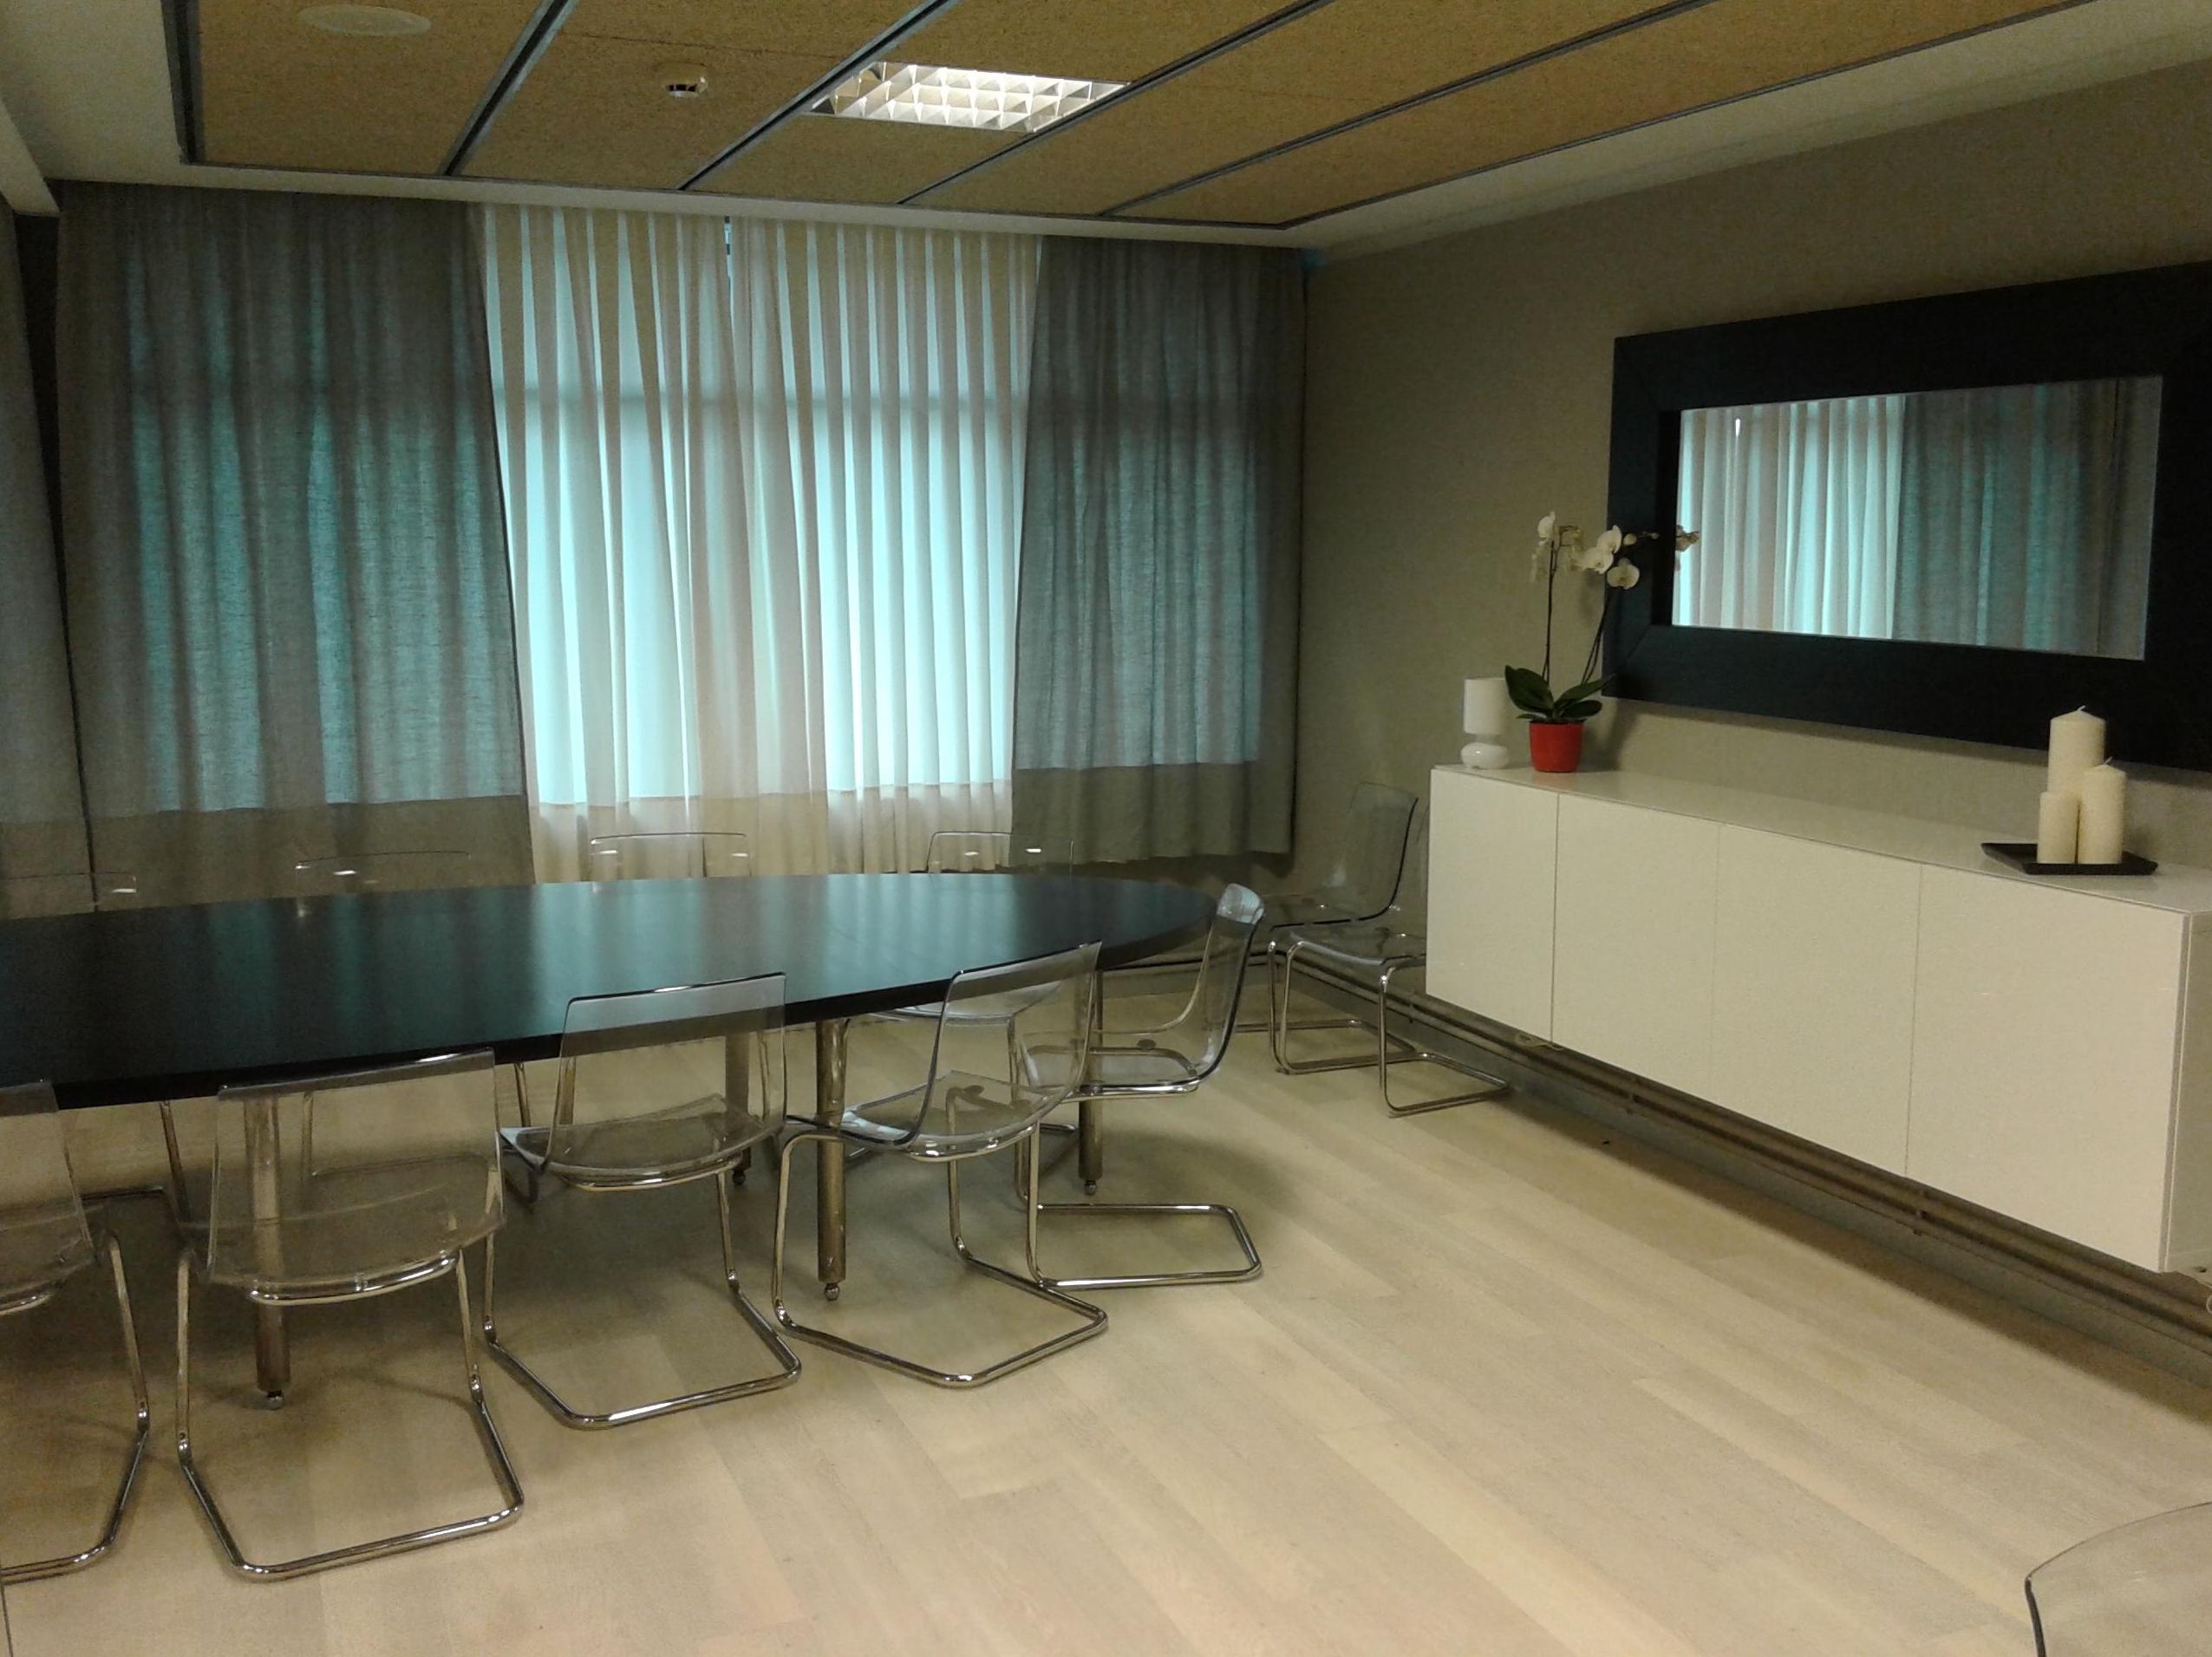 Foto 16 de Residencias de estudiantes en Bilbao | Colegio Mayor Deusto